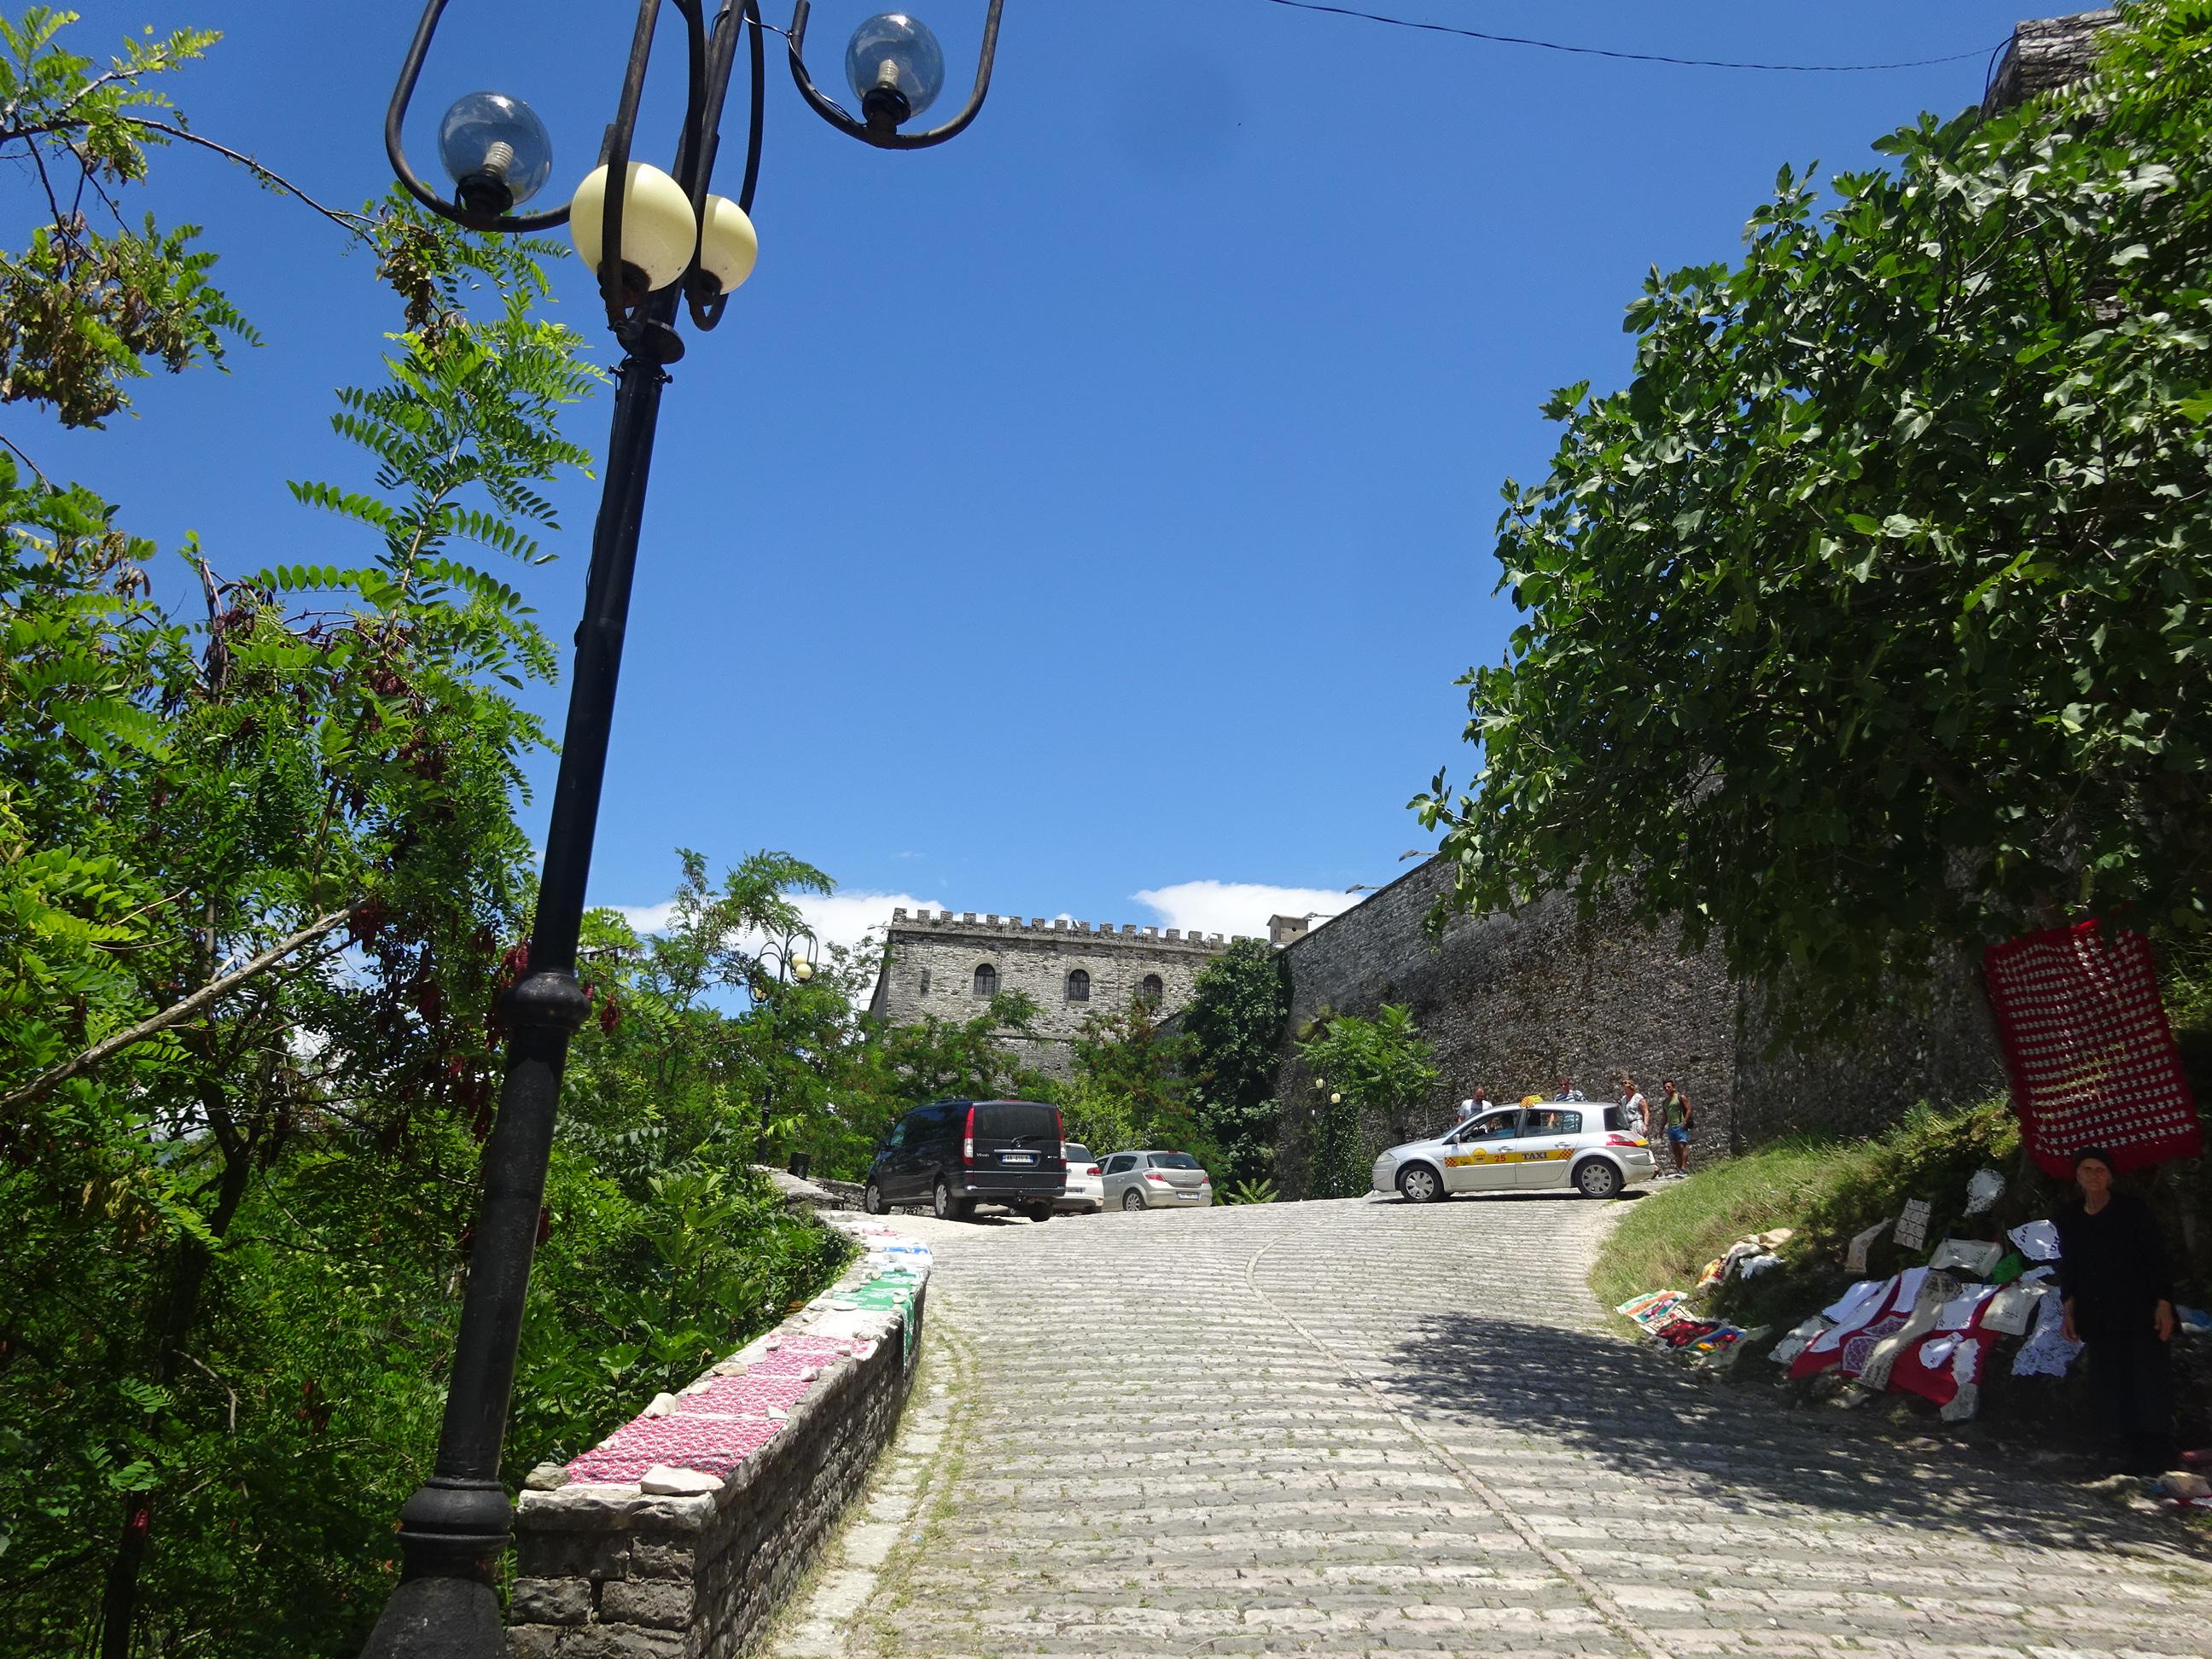 もうすぐジロカストラ城という手前の坂道